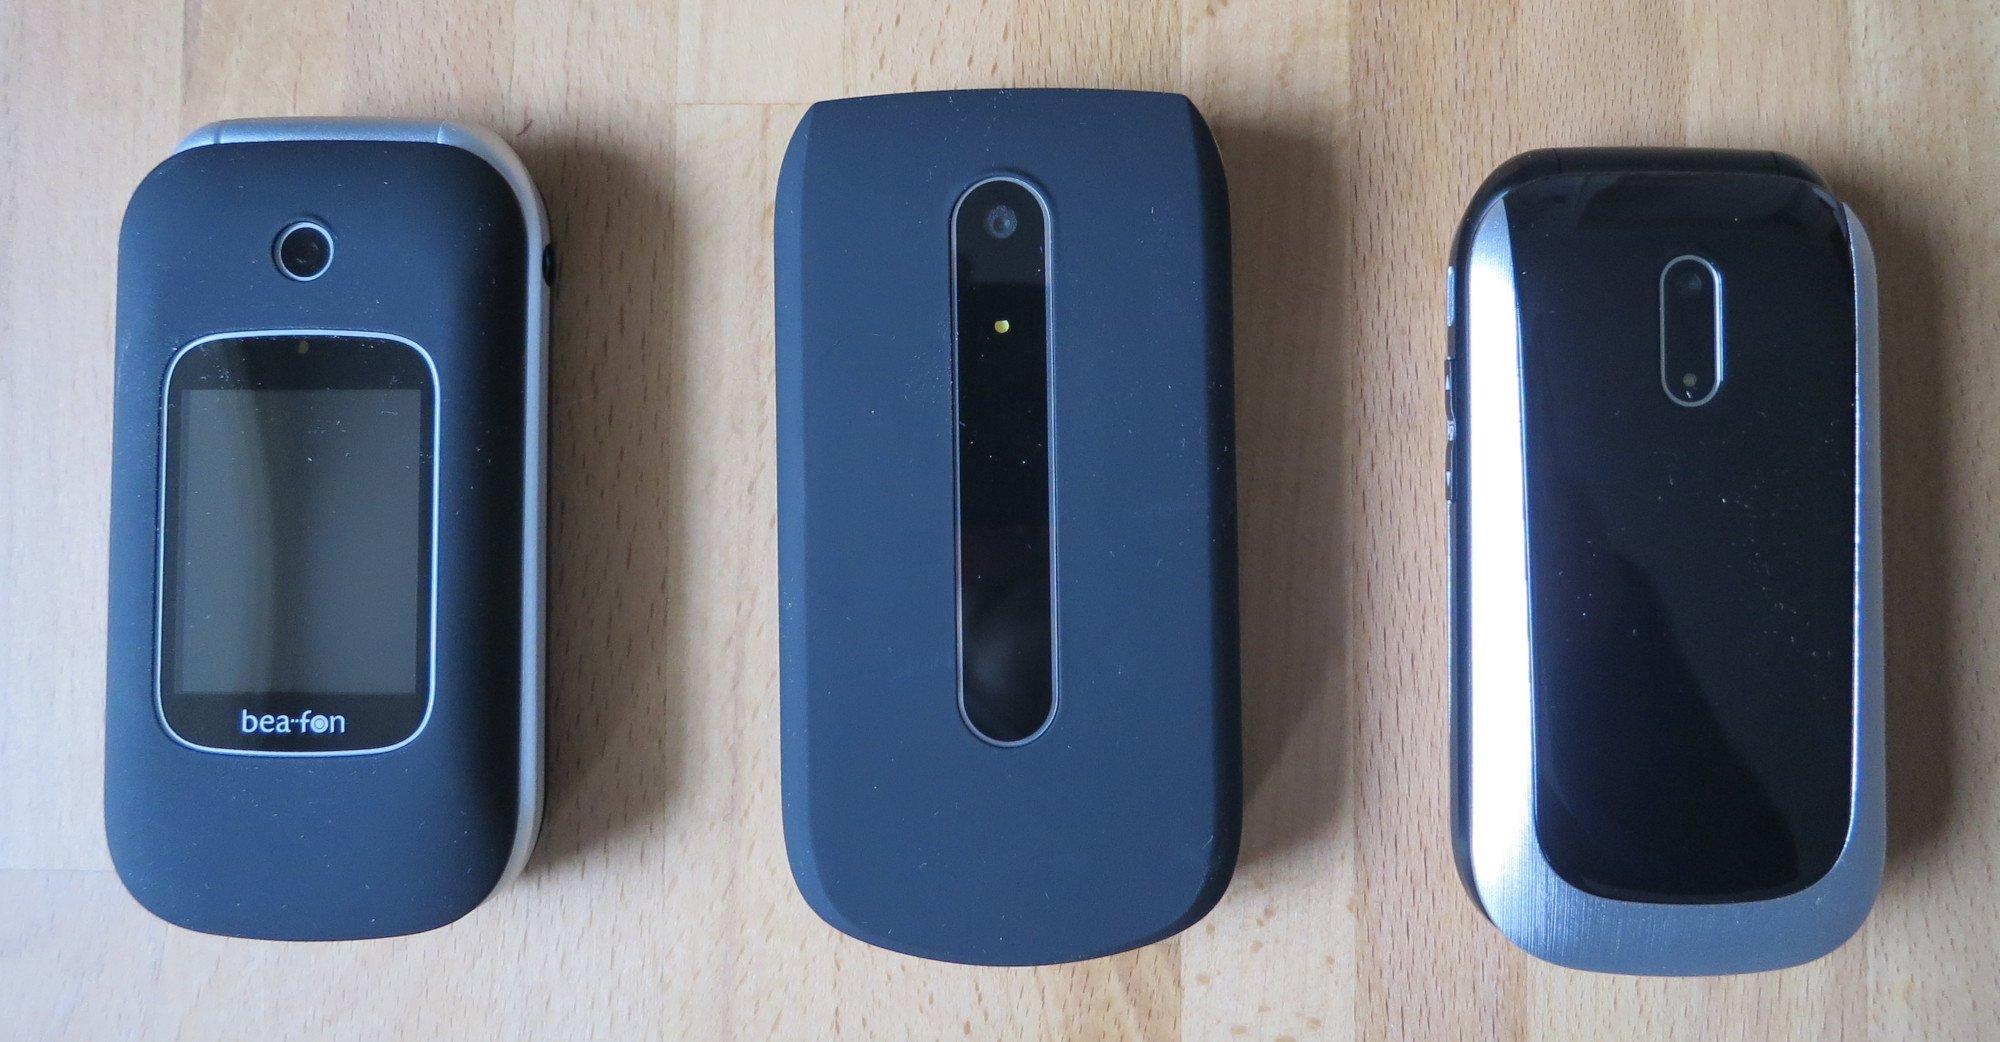 Die Senioren-Klapphandys Bea-fon SL590, SL630 und SL690 im Vergleich (Bild: Peter Giesecke)